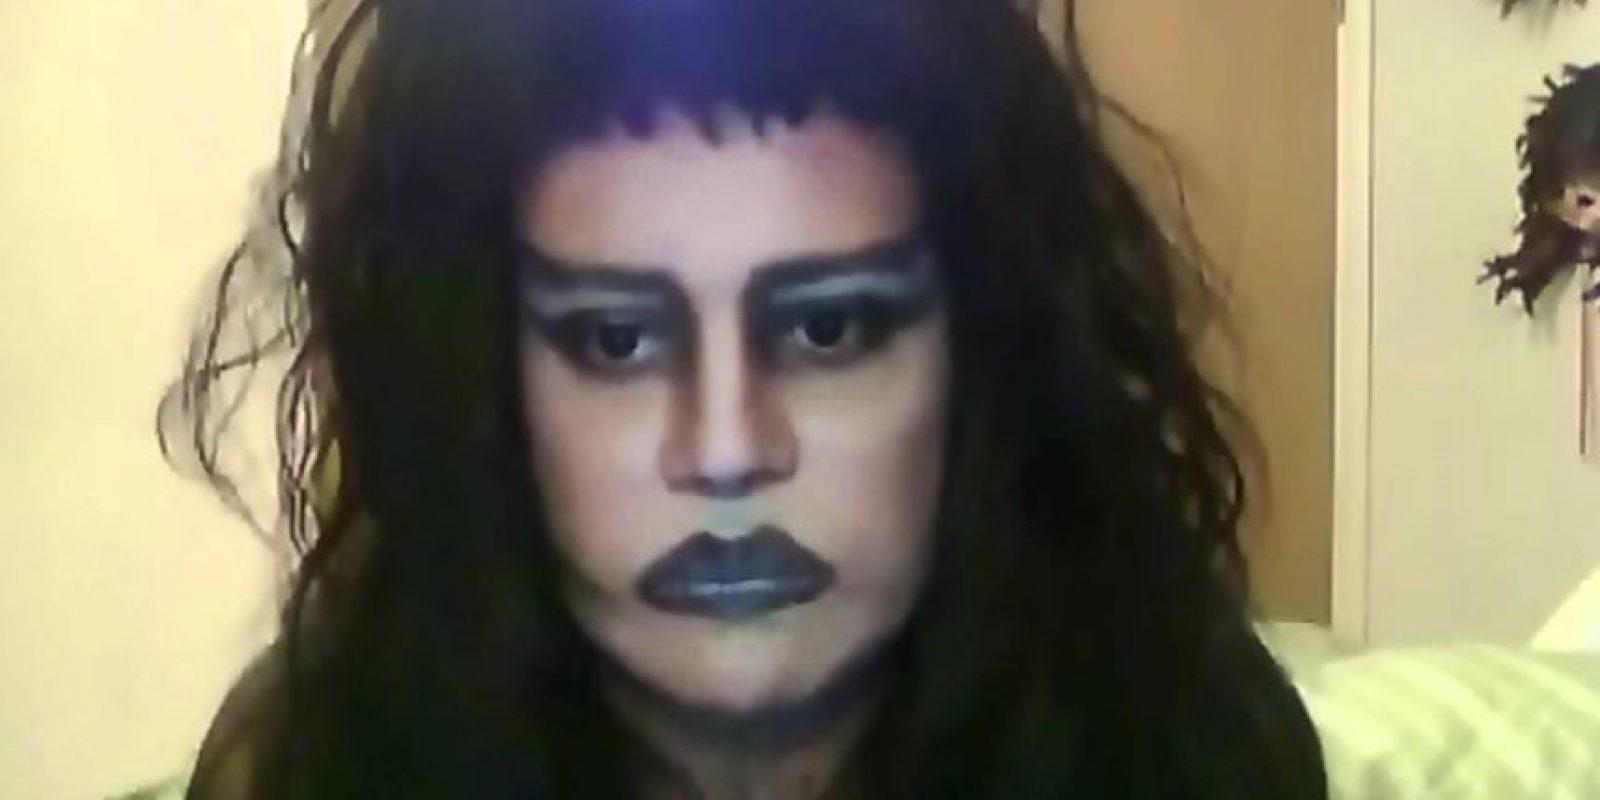 Los labios oscuros también han sido una tendencia tabú. Foto:vía Youtube